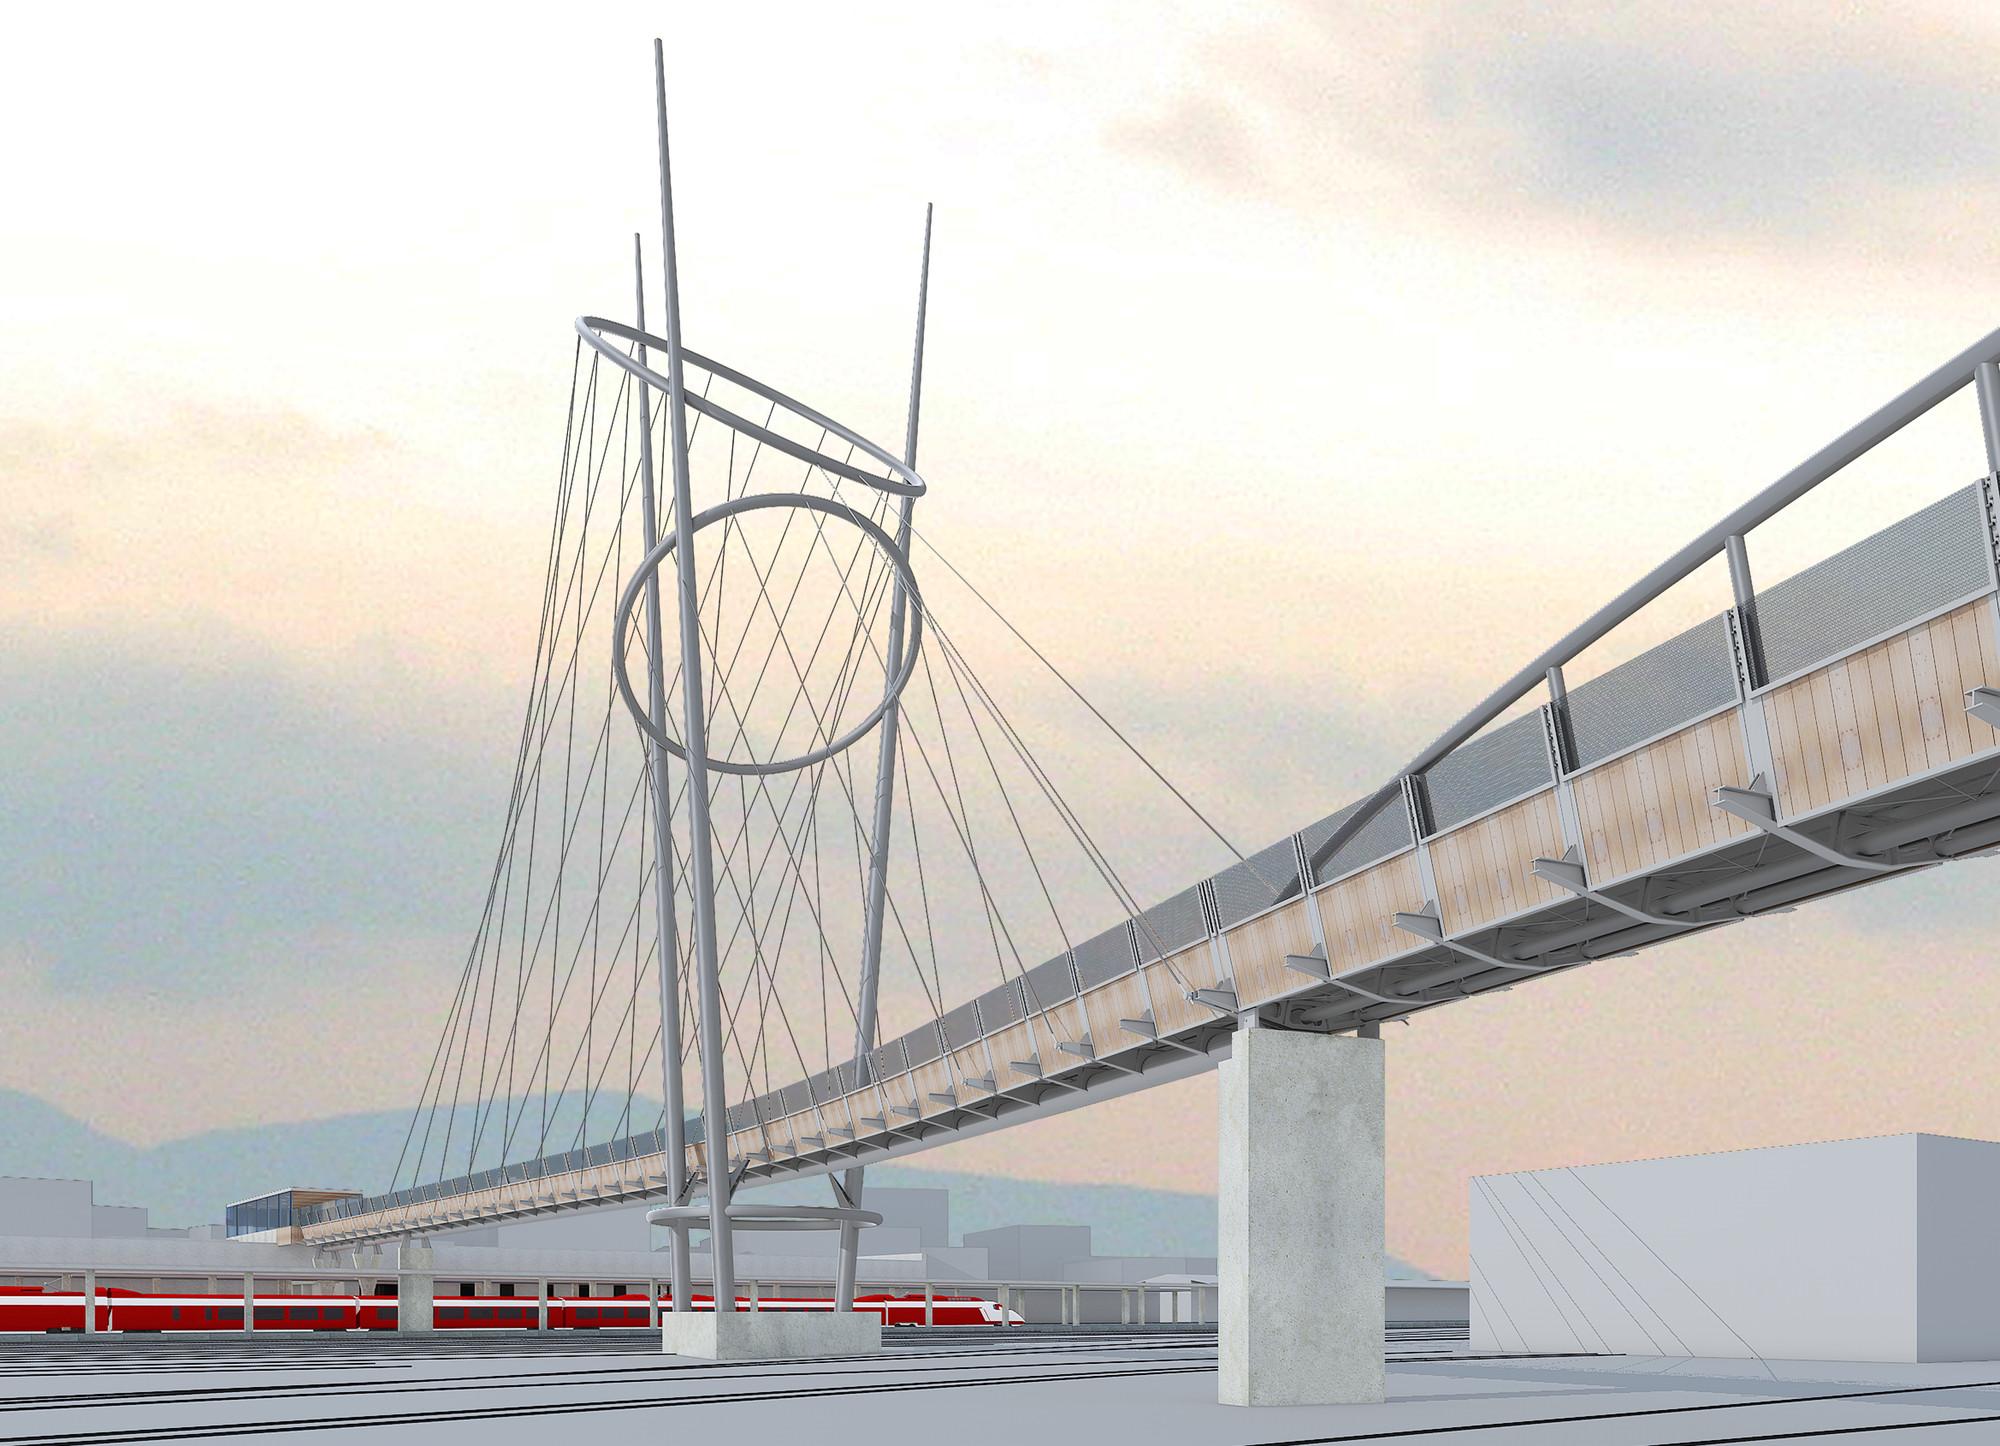 Iniciadas as obras da ponte e estação de McDowell + Benedetti em Terni, Itália, Cortesia de McDowell+Benedetti